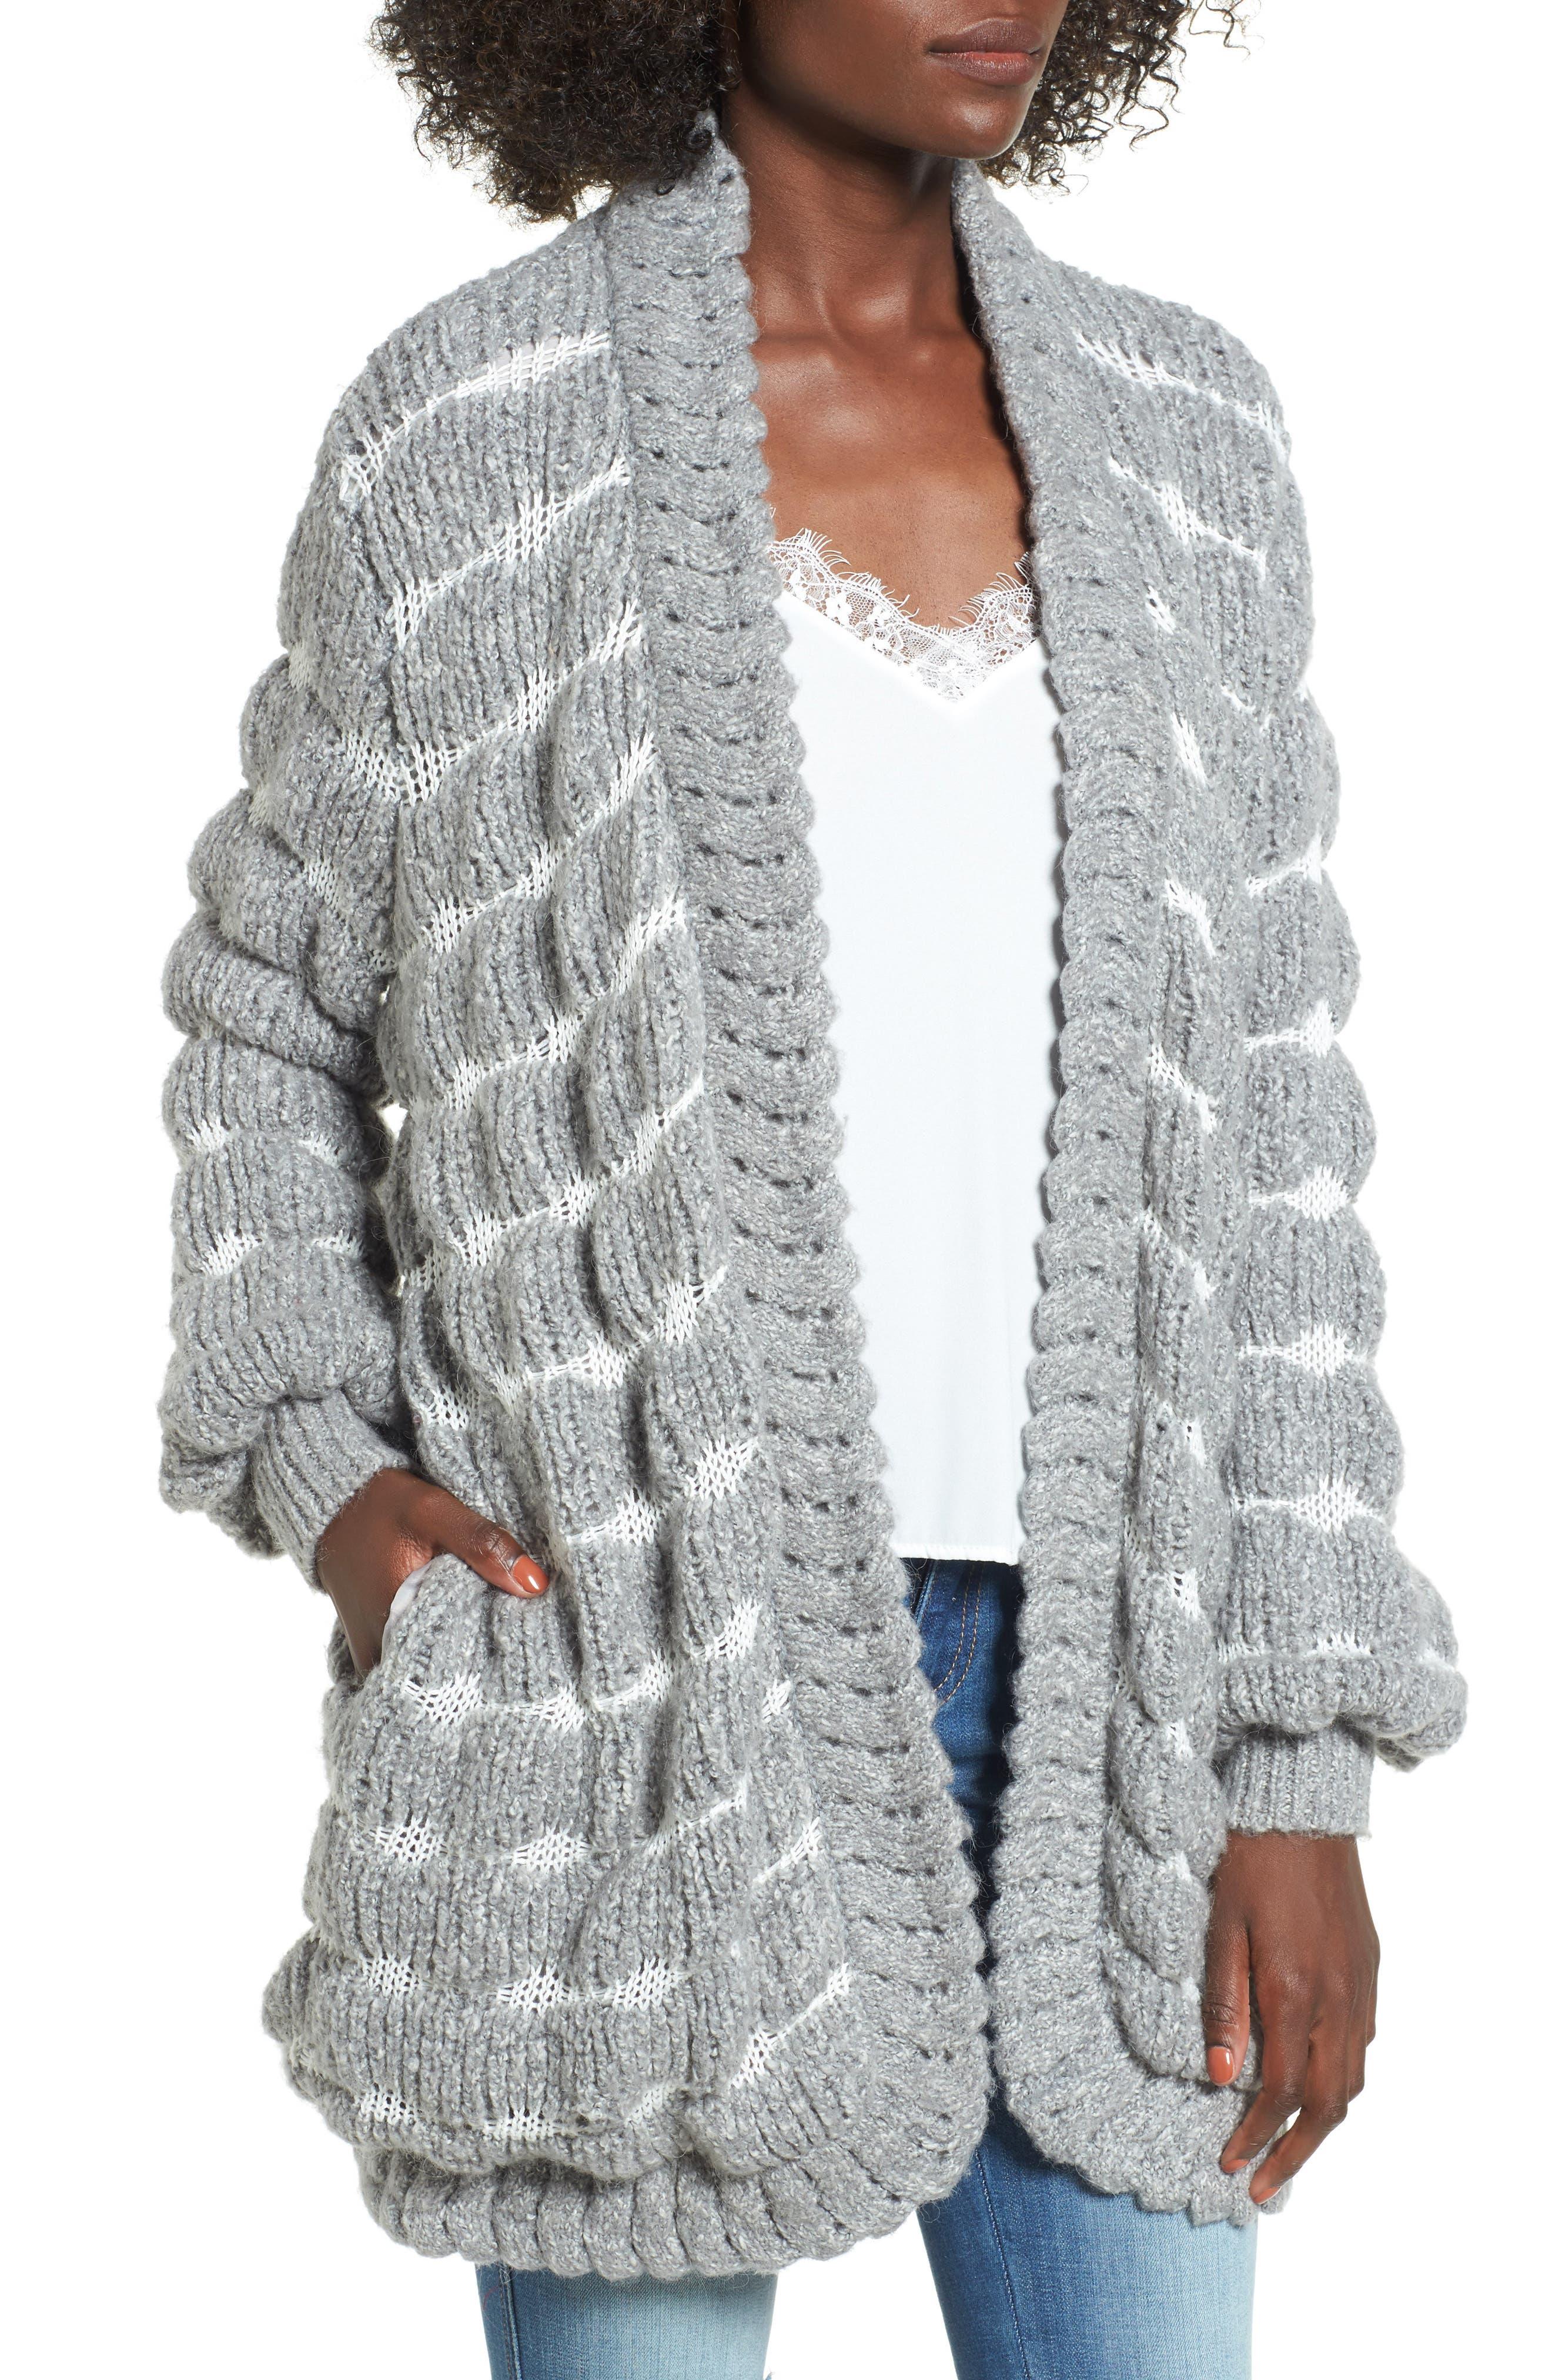 Carmine Sweater,                         Main,                         color, Heather Grey